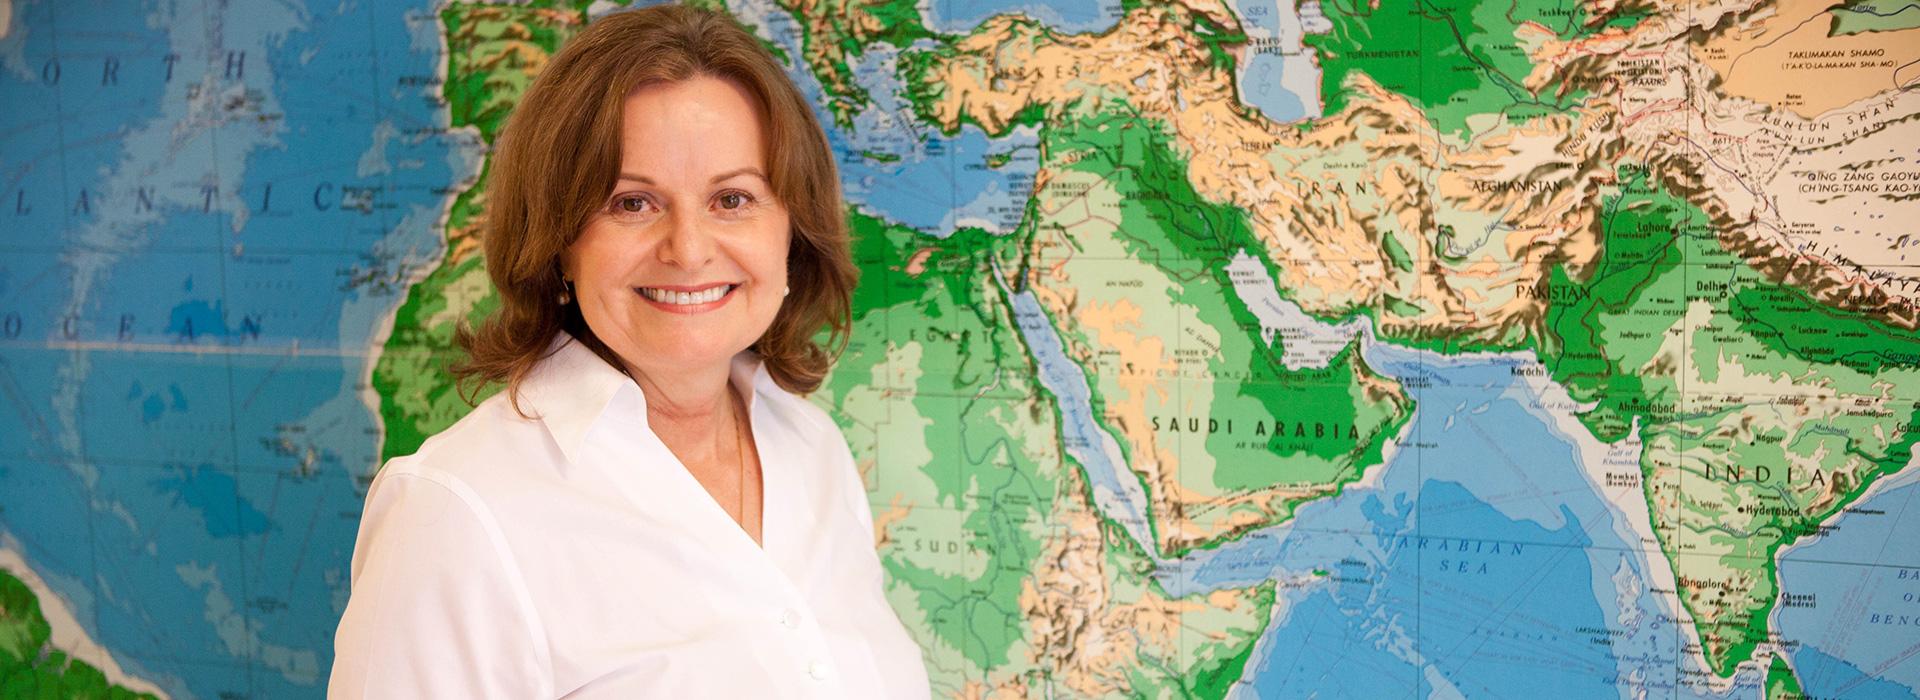 Maria Haider